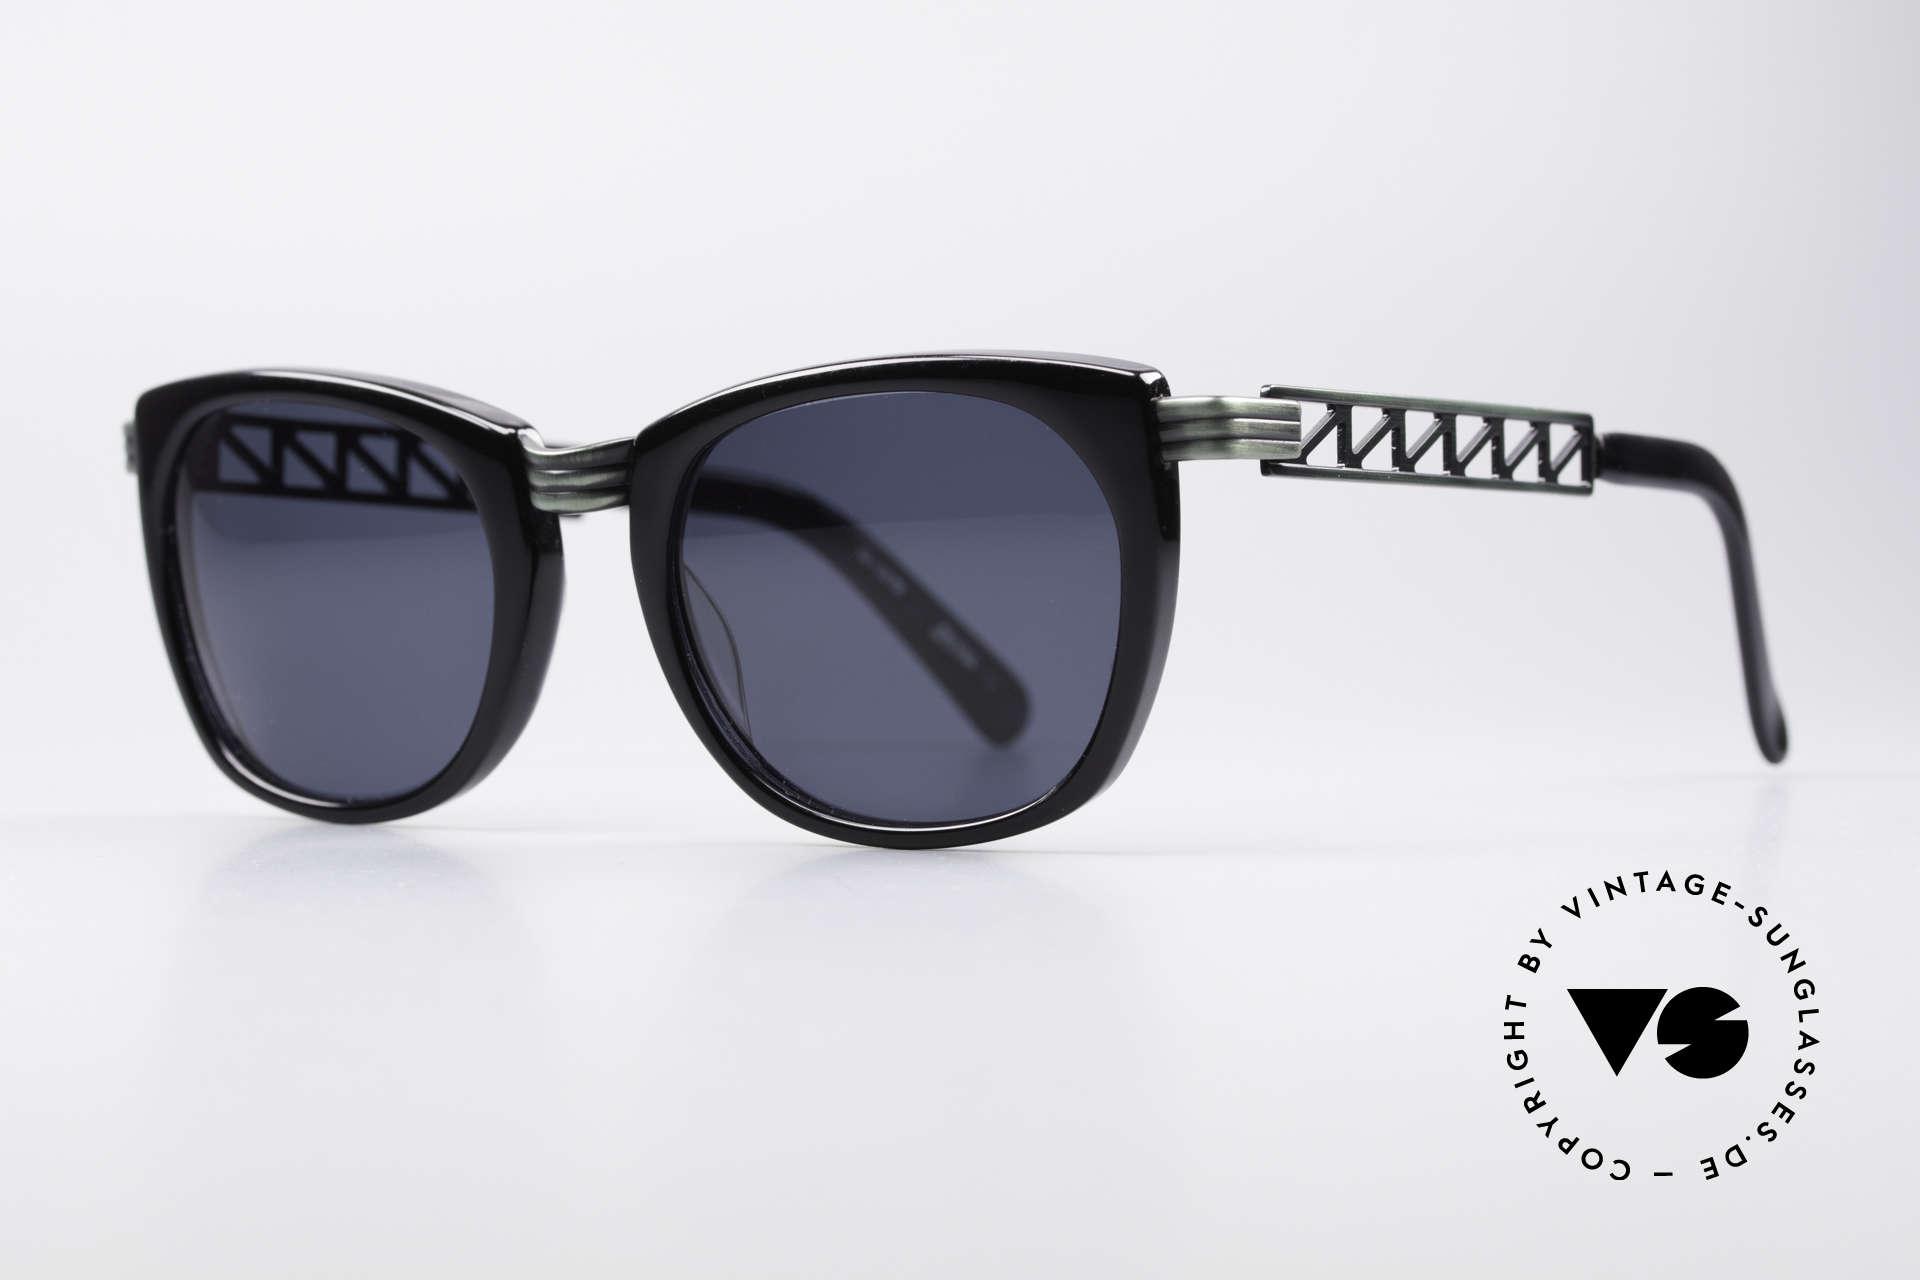 """Jean Paul Gaultier 56-0272 Steampunk 90er Sonnenbrille, """"rusty green"""" Lackierung & dunkelblaue Gläser, Passend für Herren und Damen"""